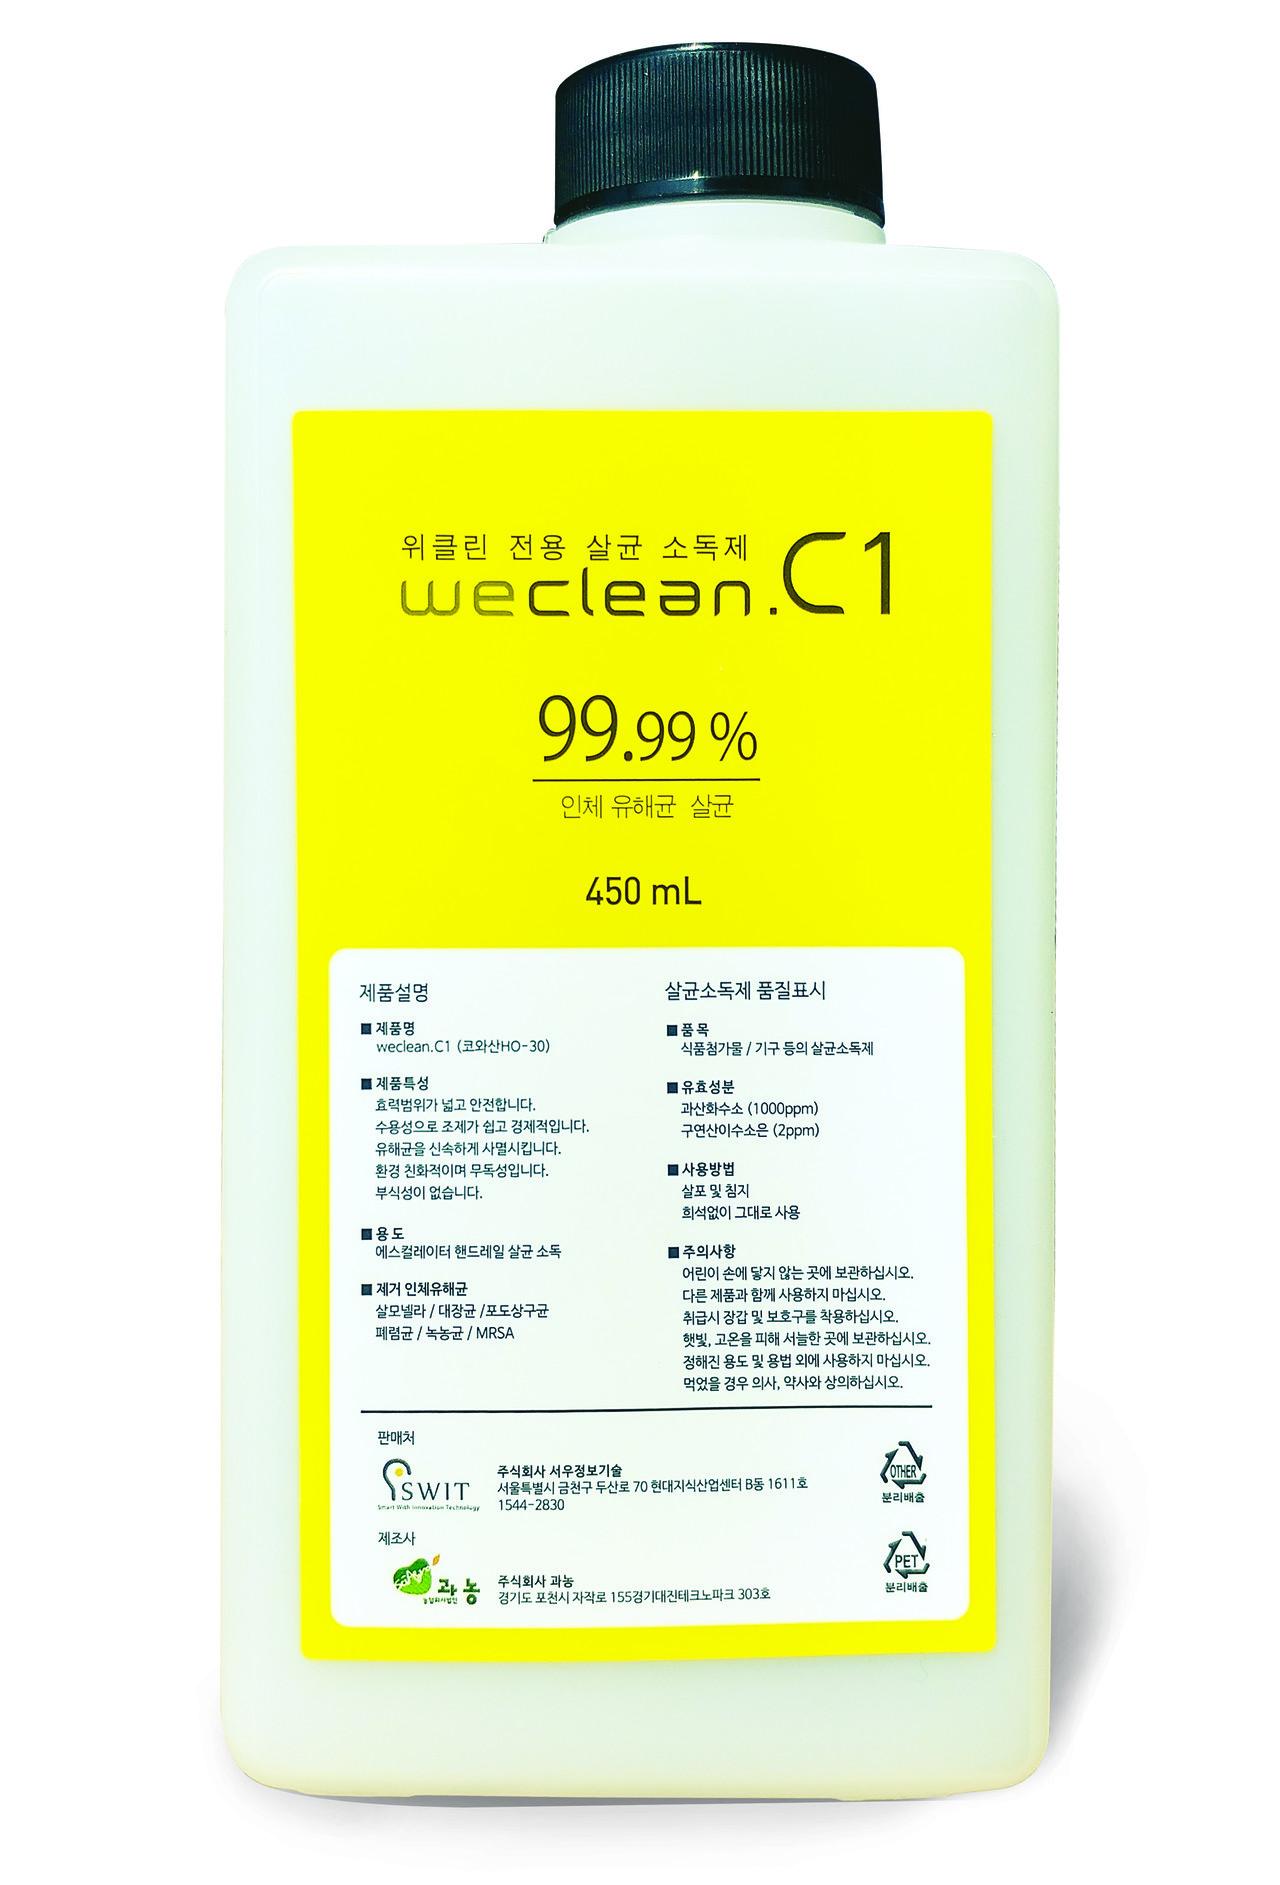 위클린 소독제 weclean.C1